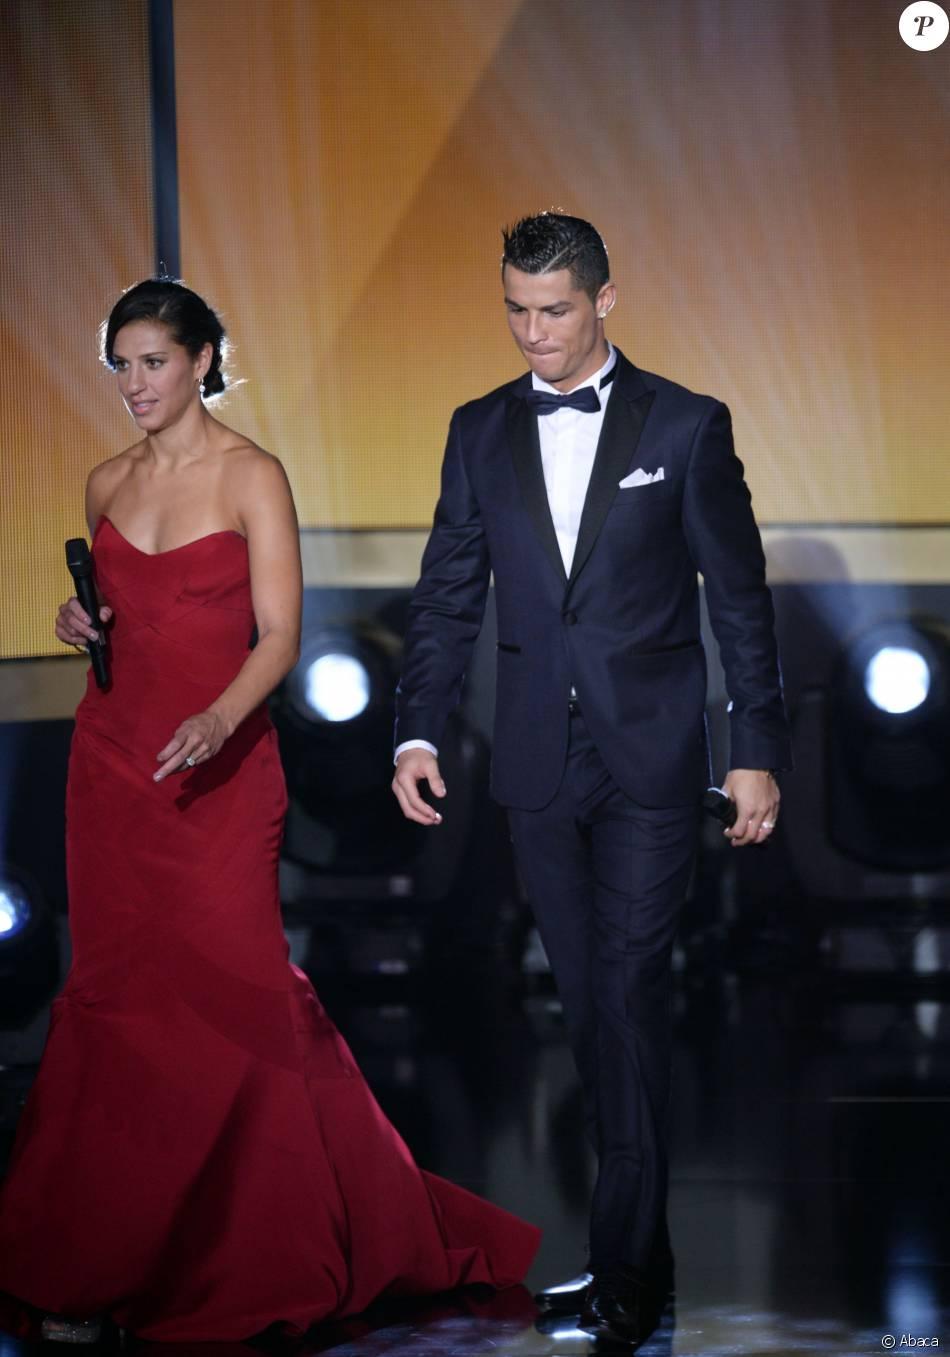 Schönheit suche nach echtem Schlussverkauf Carli Lloyd et Cristiano Ronaldo lors du Ballon d'or 2015 à ...